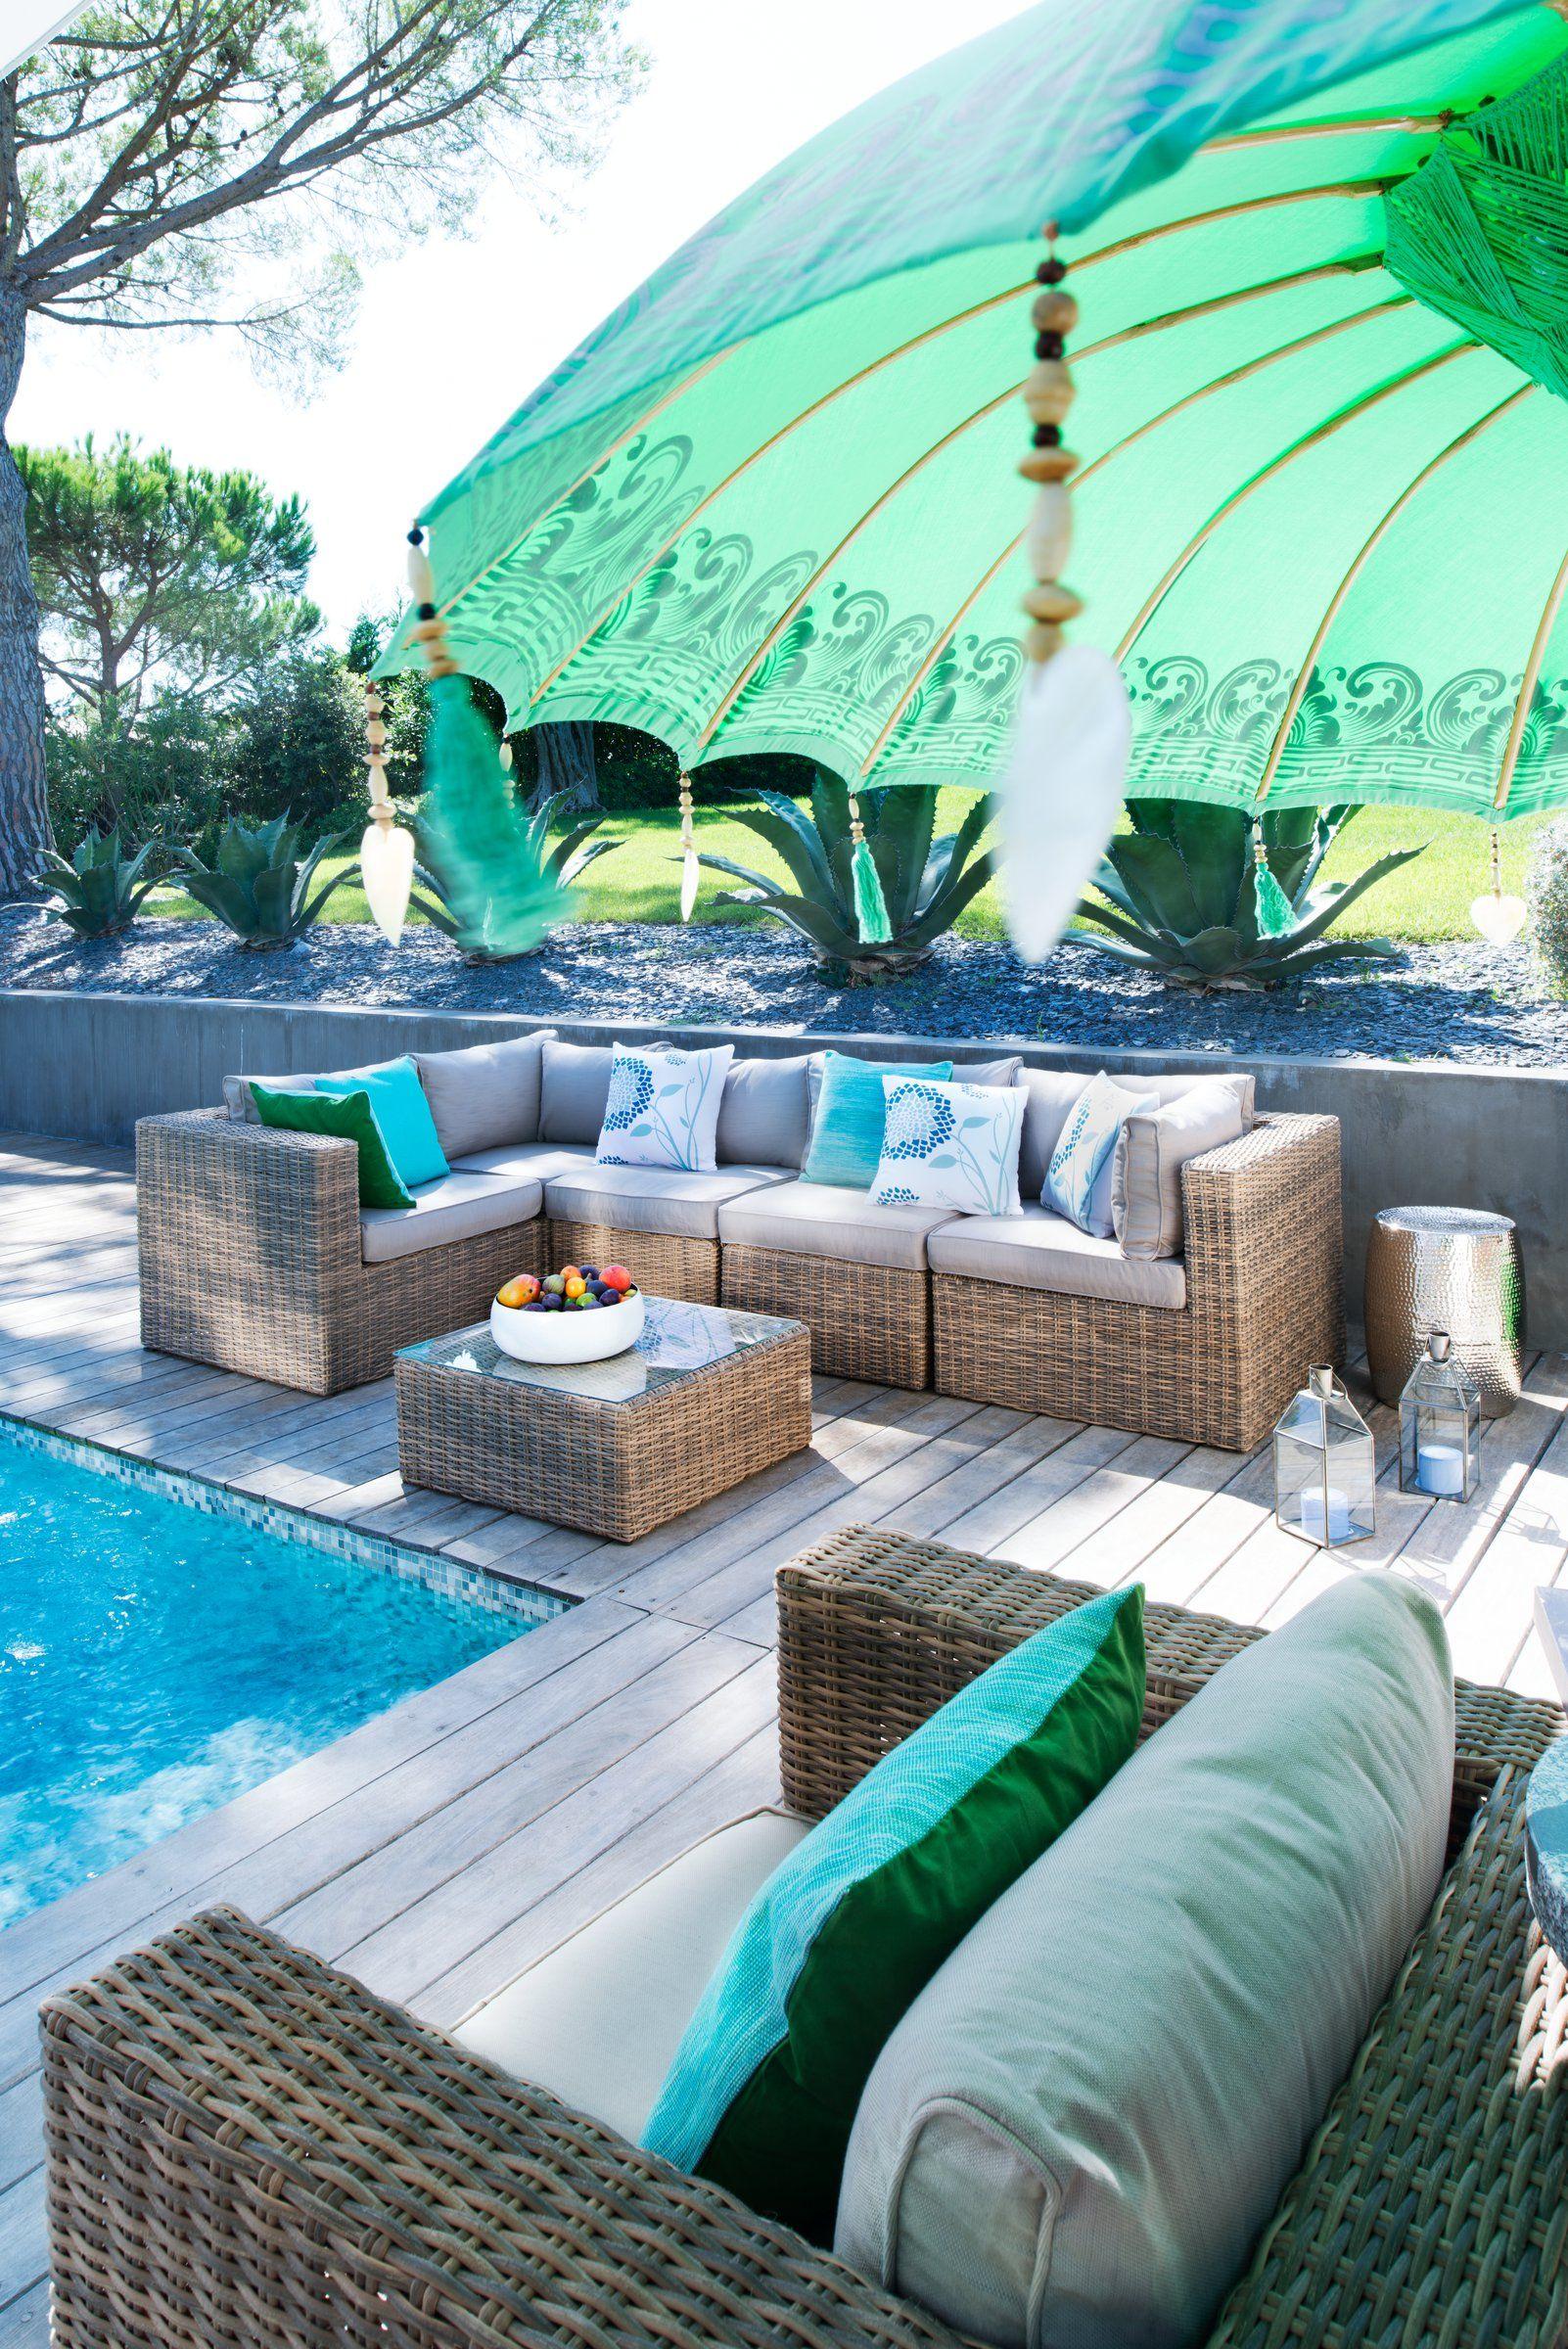 parasol en bois bali turquoise l 185 cm protection contre le soleil boutique en ligne. Black Bedroom Furniture Sets. Home Design Ideas